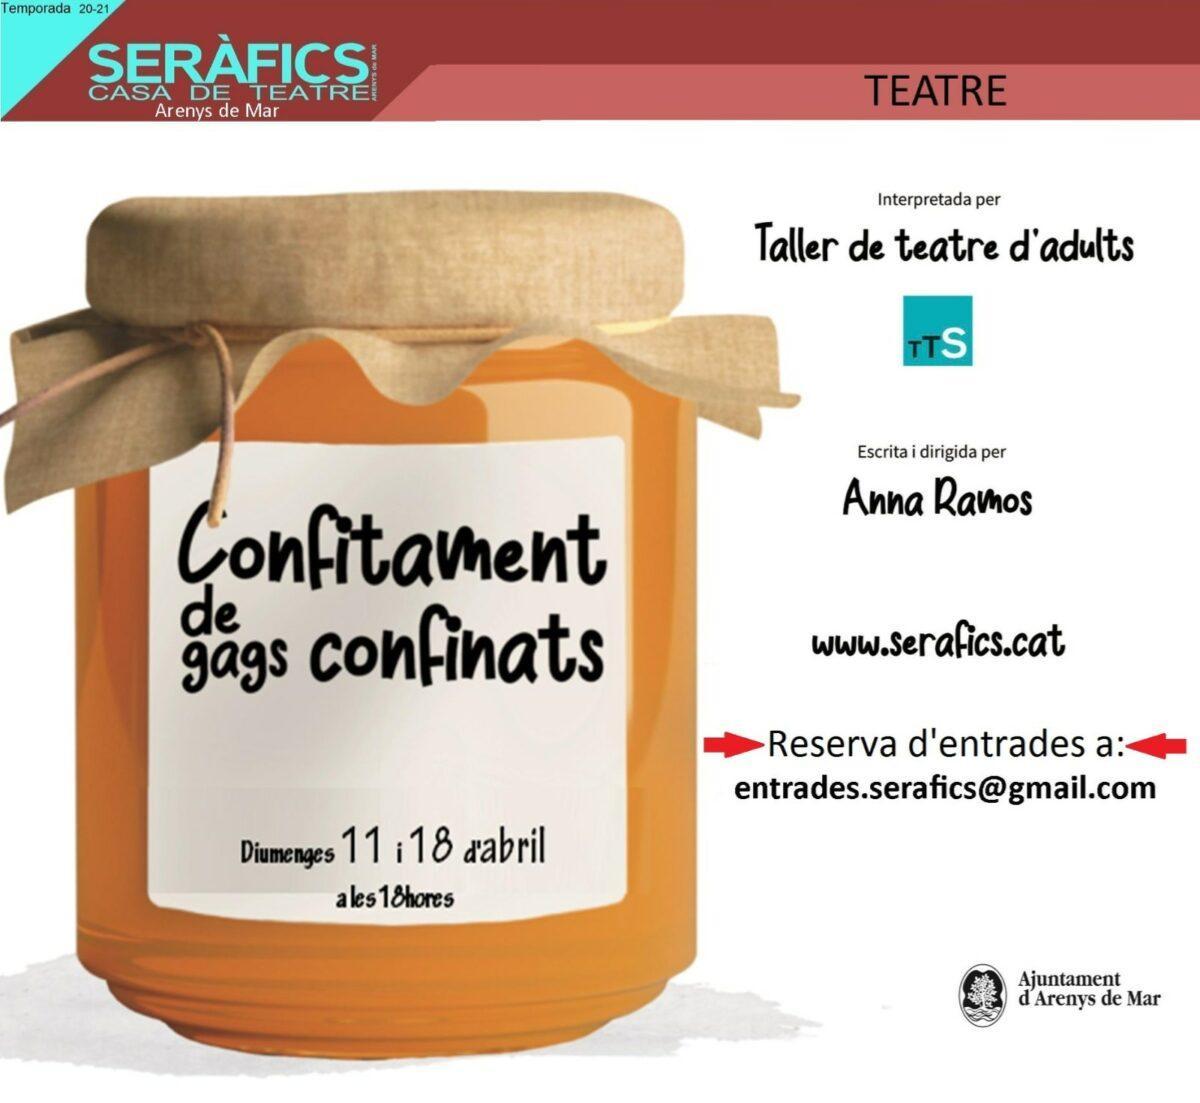 CONFINAMENT DE GAGS CONFITATS @ SERÀFICS